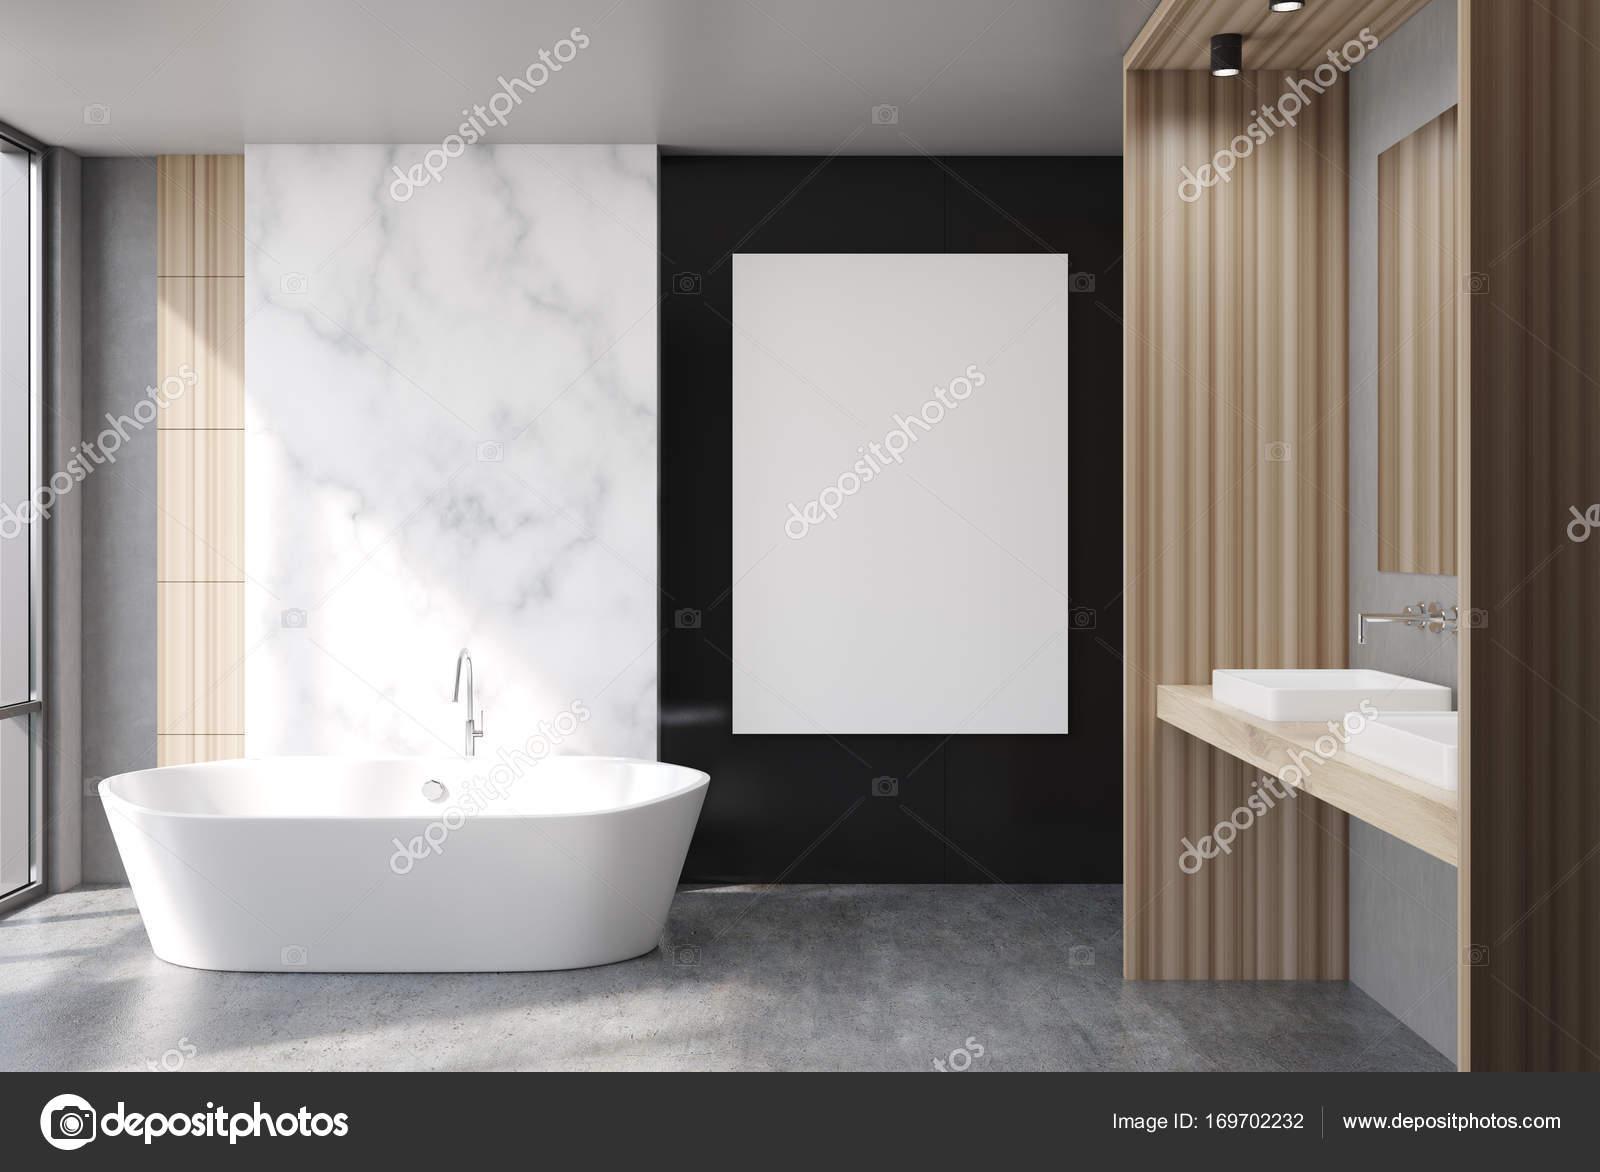 Bagni In Marmo Nero : Bagno in marmo e nero poster u2014 foto stock © denisismagilov #169702232